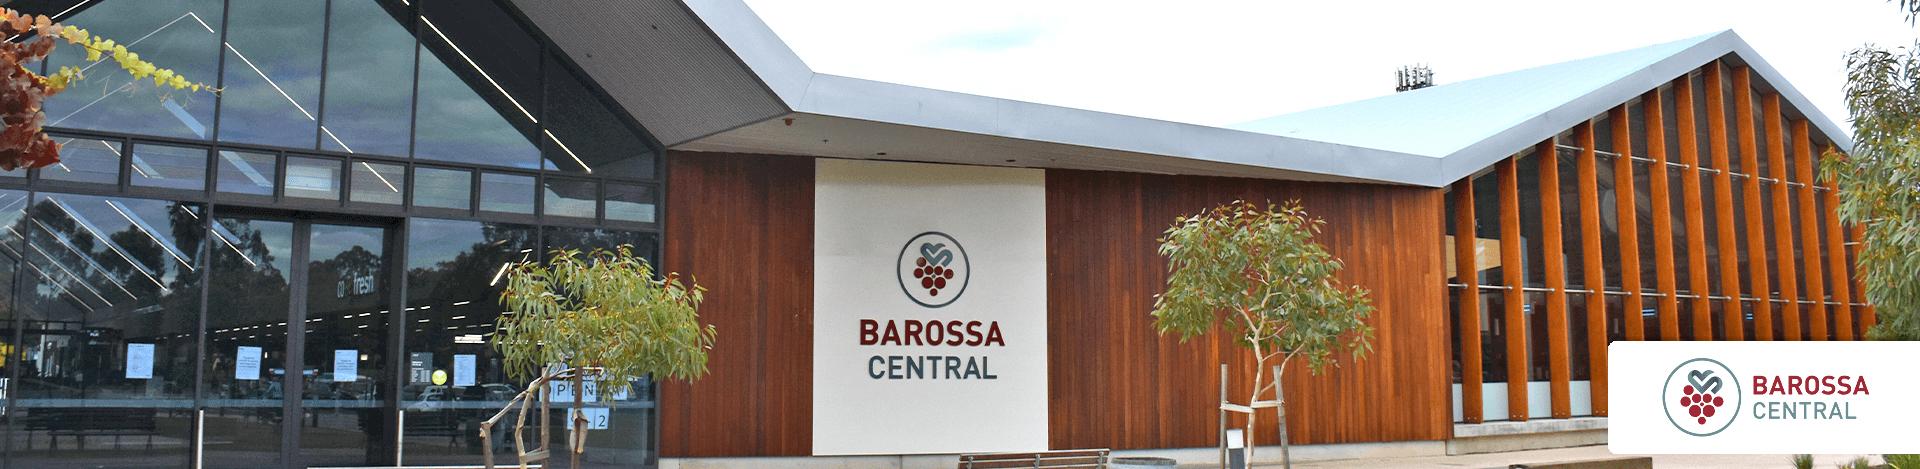 Barossa Central Shopping Centre